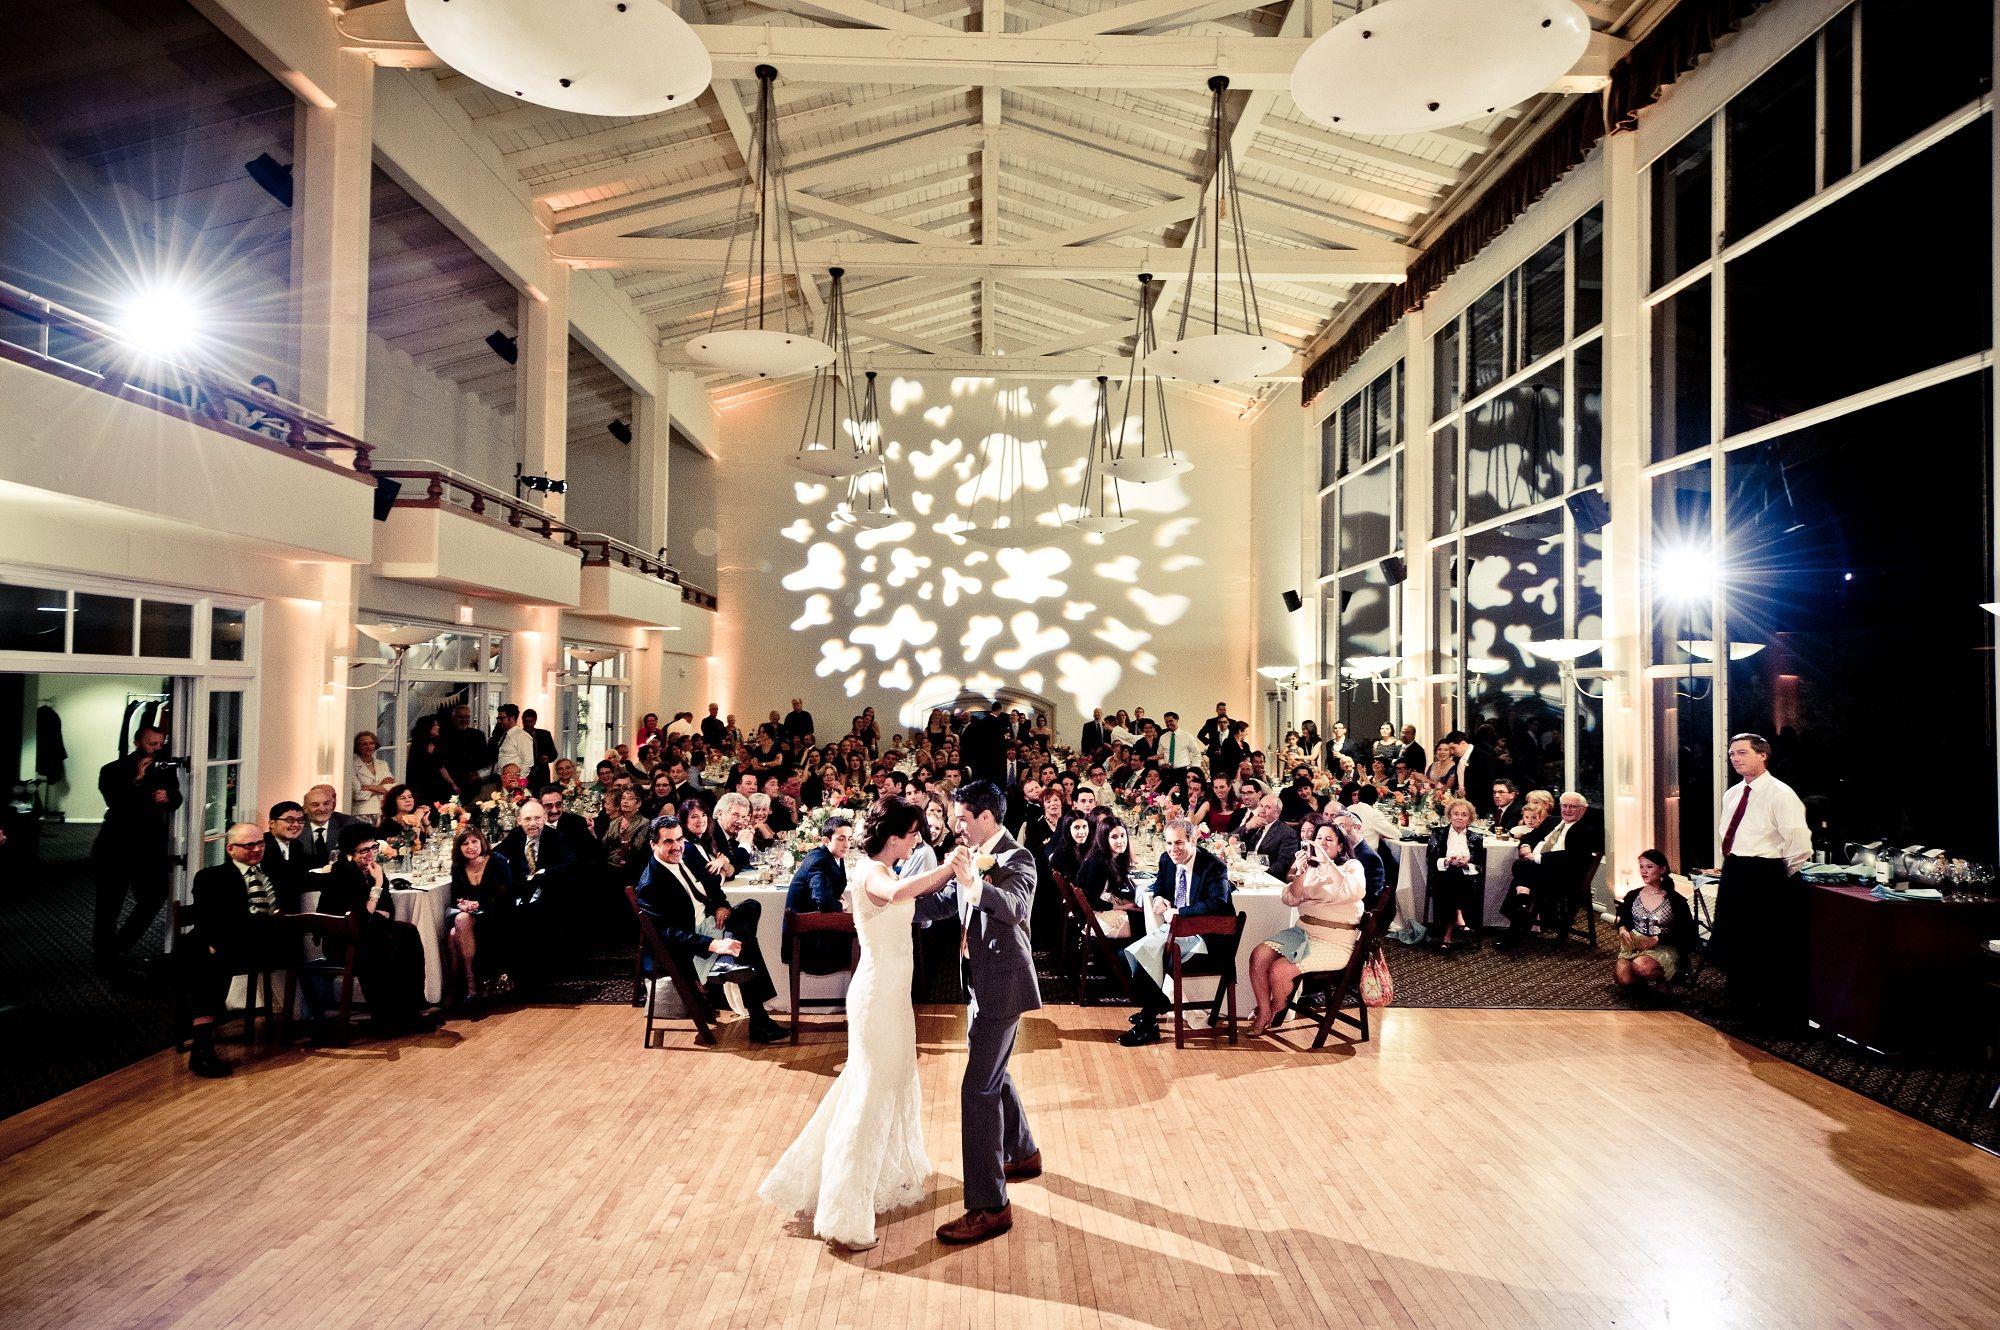 wedding receptions sacramento ca%0A Golden Gate Club at the Presidio San Francisco California Wedding Venues